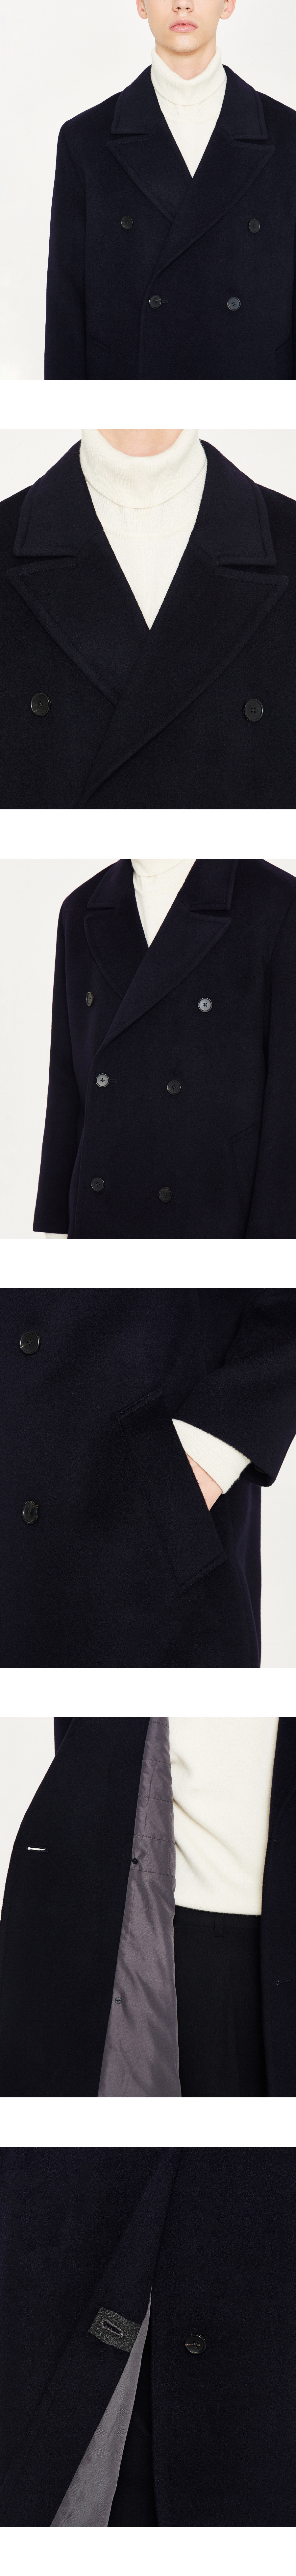 로파이(LOFI) 캐시미어 더블 브레스트 코트(네이비)